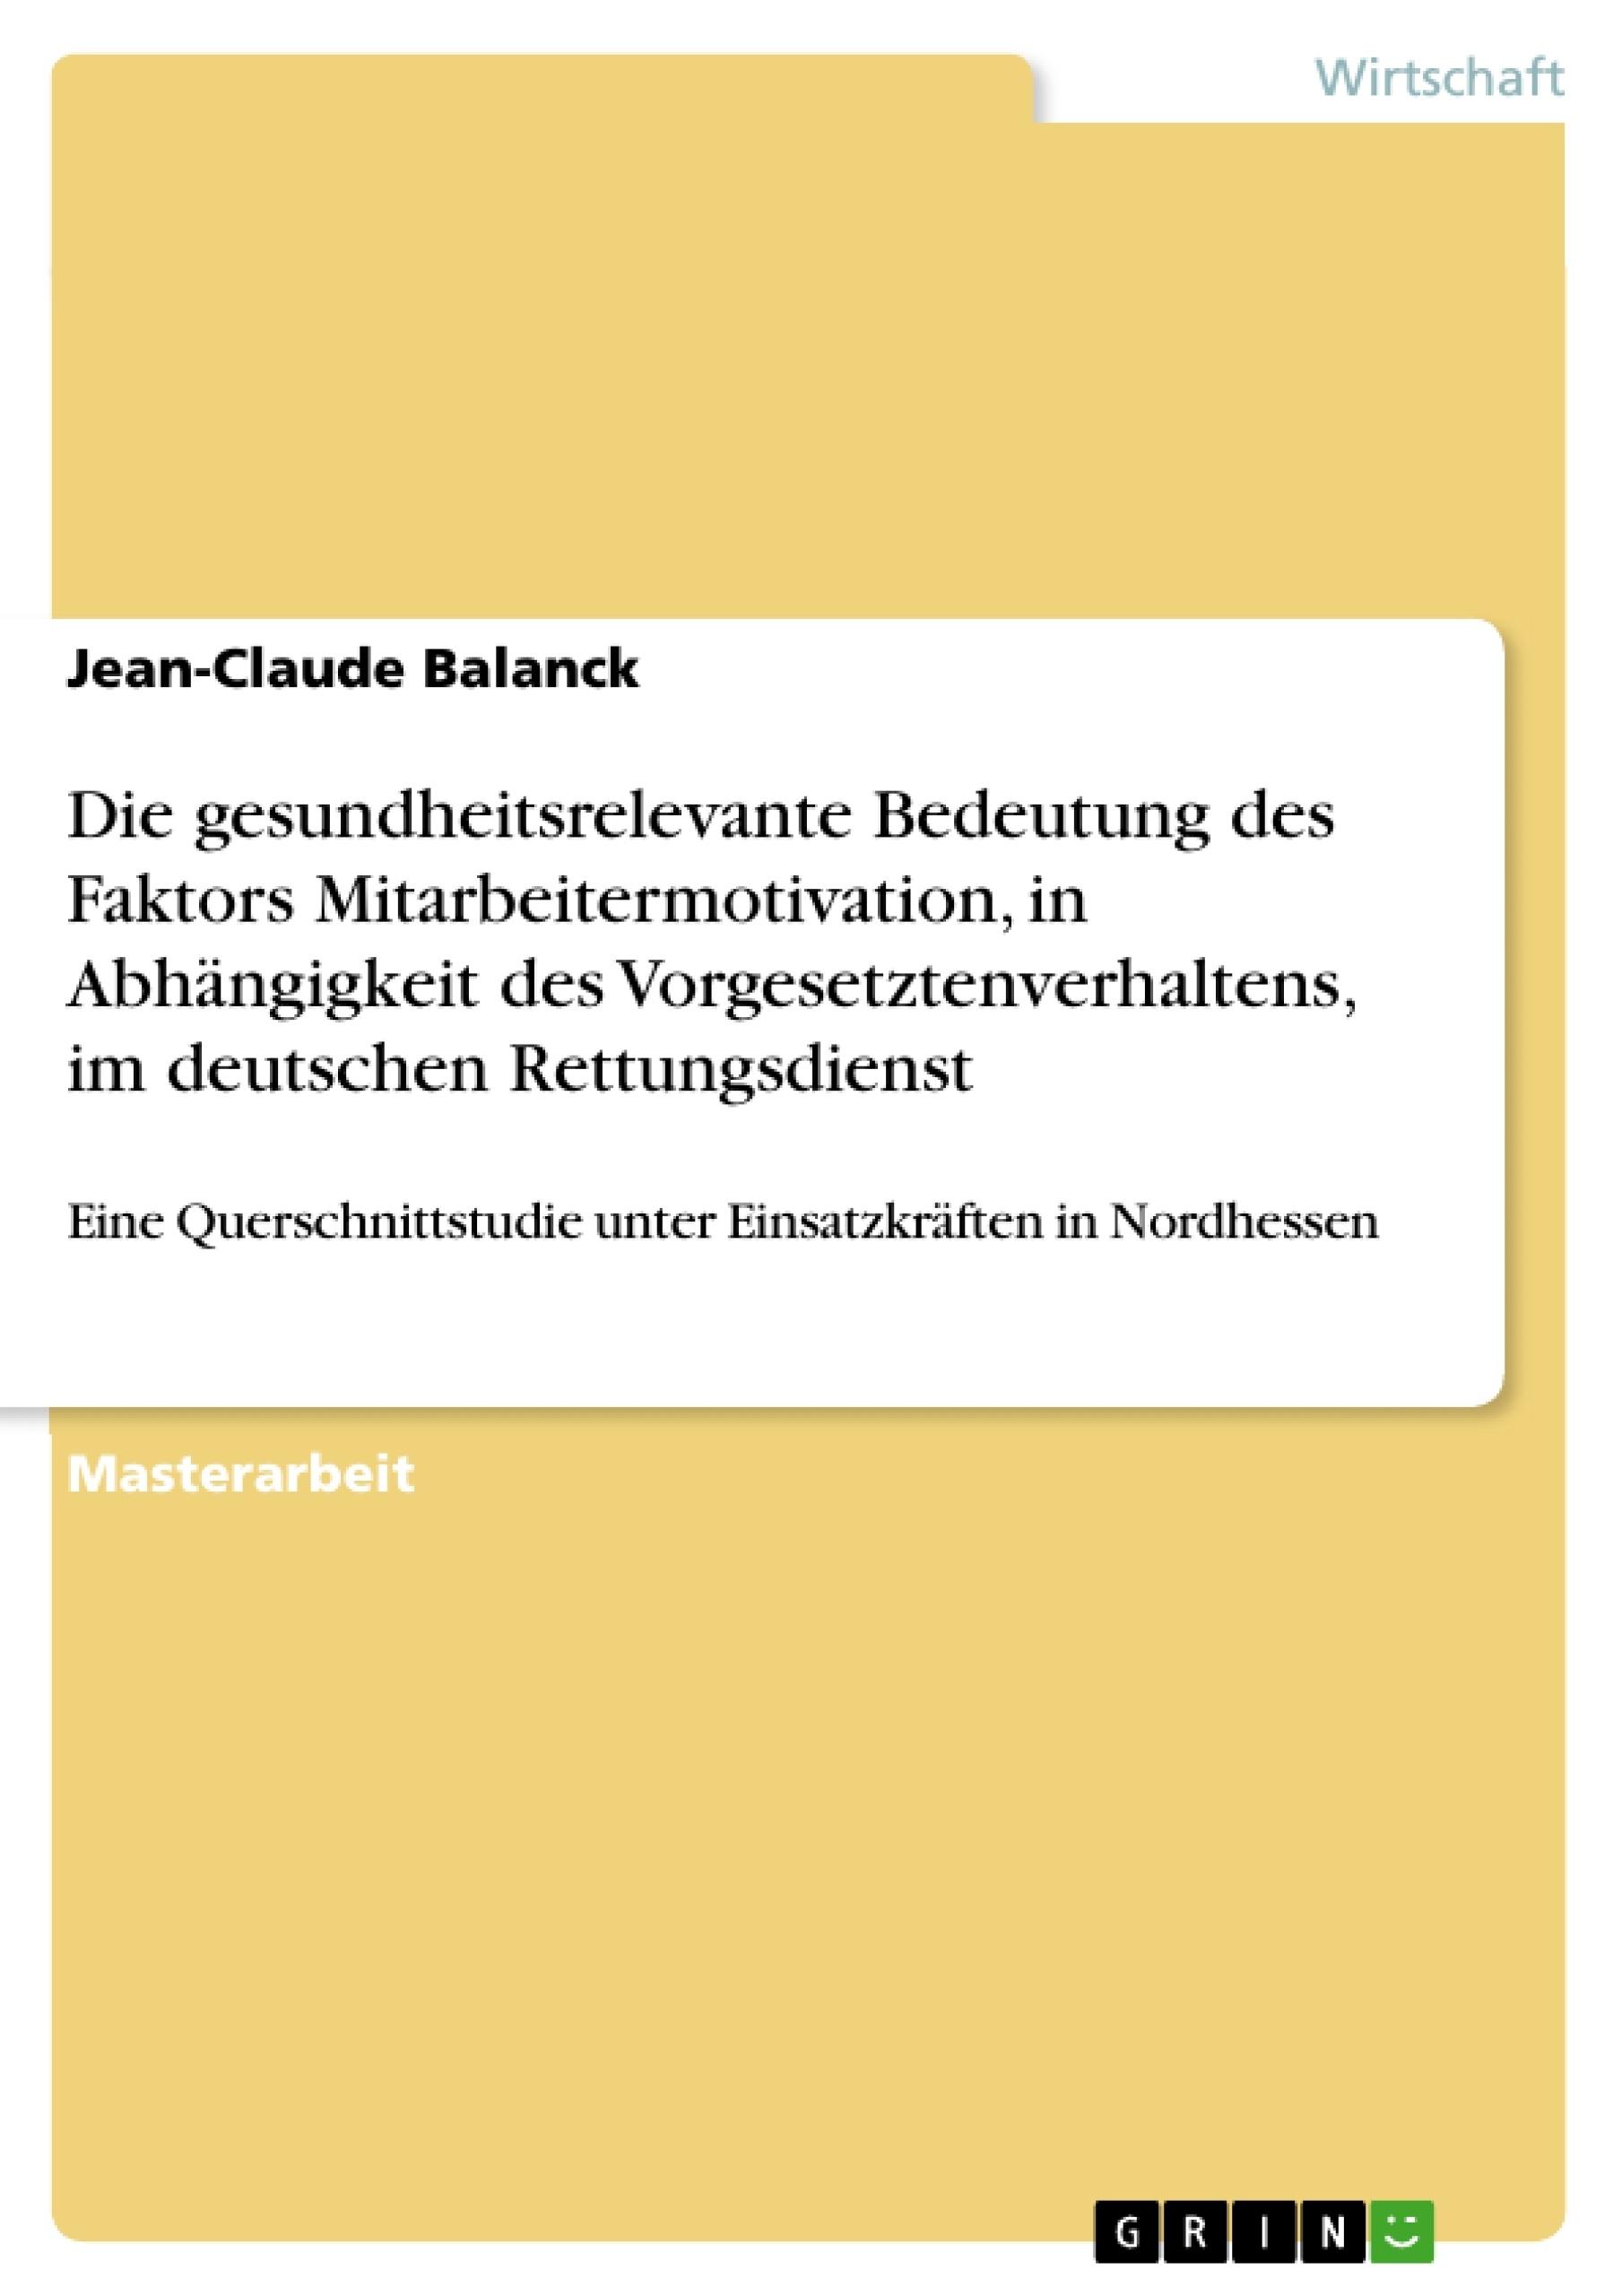 Titel: Die gesundheitsrelevante Bedeutung des Faktors Mitarbeitermotivation, in Abhängigkeit des Vorgesetztenverhaltens, im deutschen Rettungsdienst